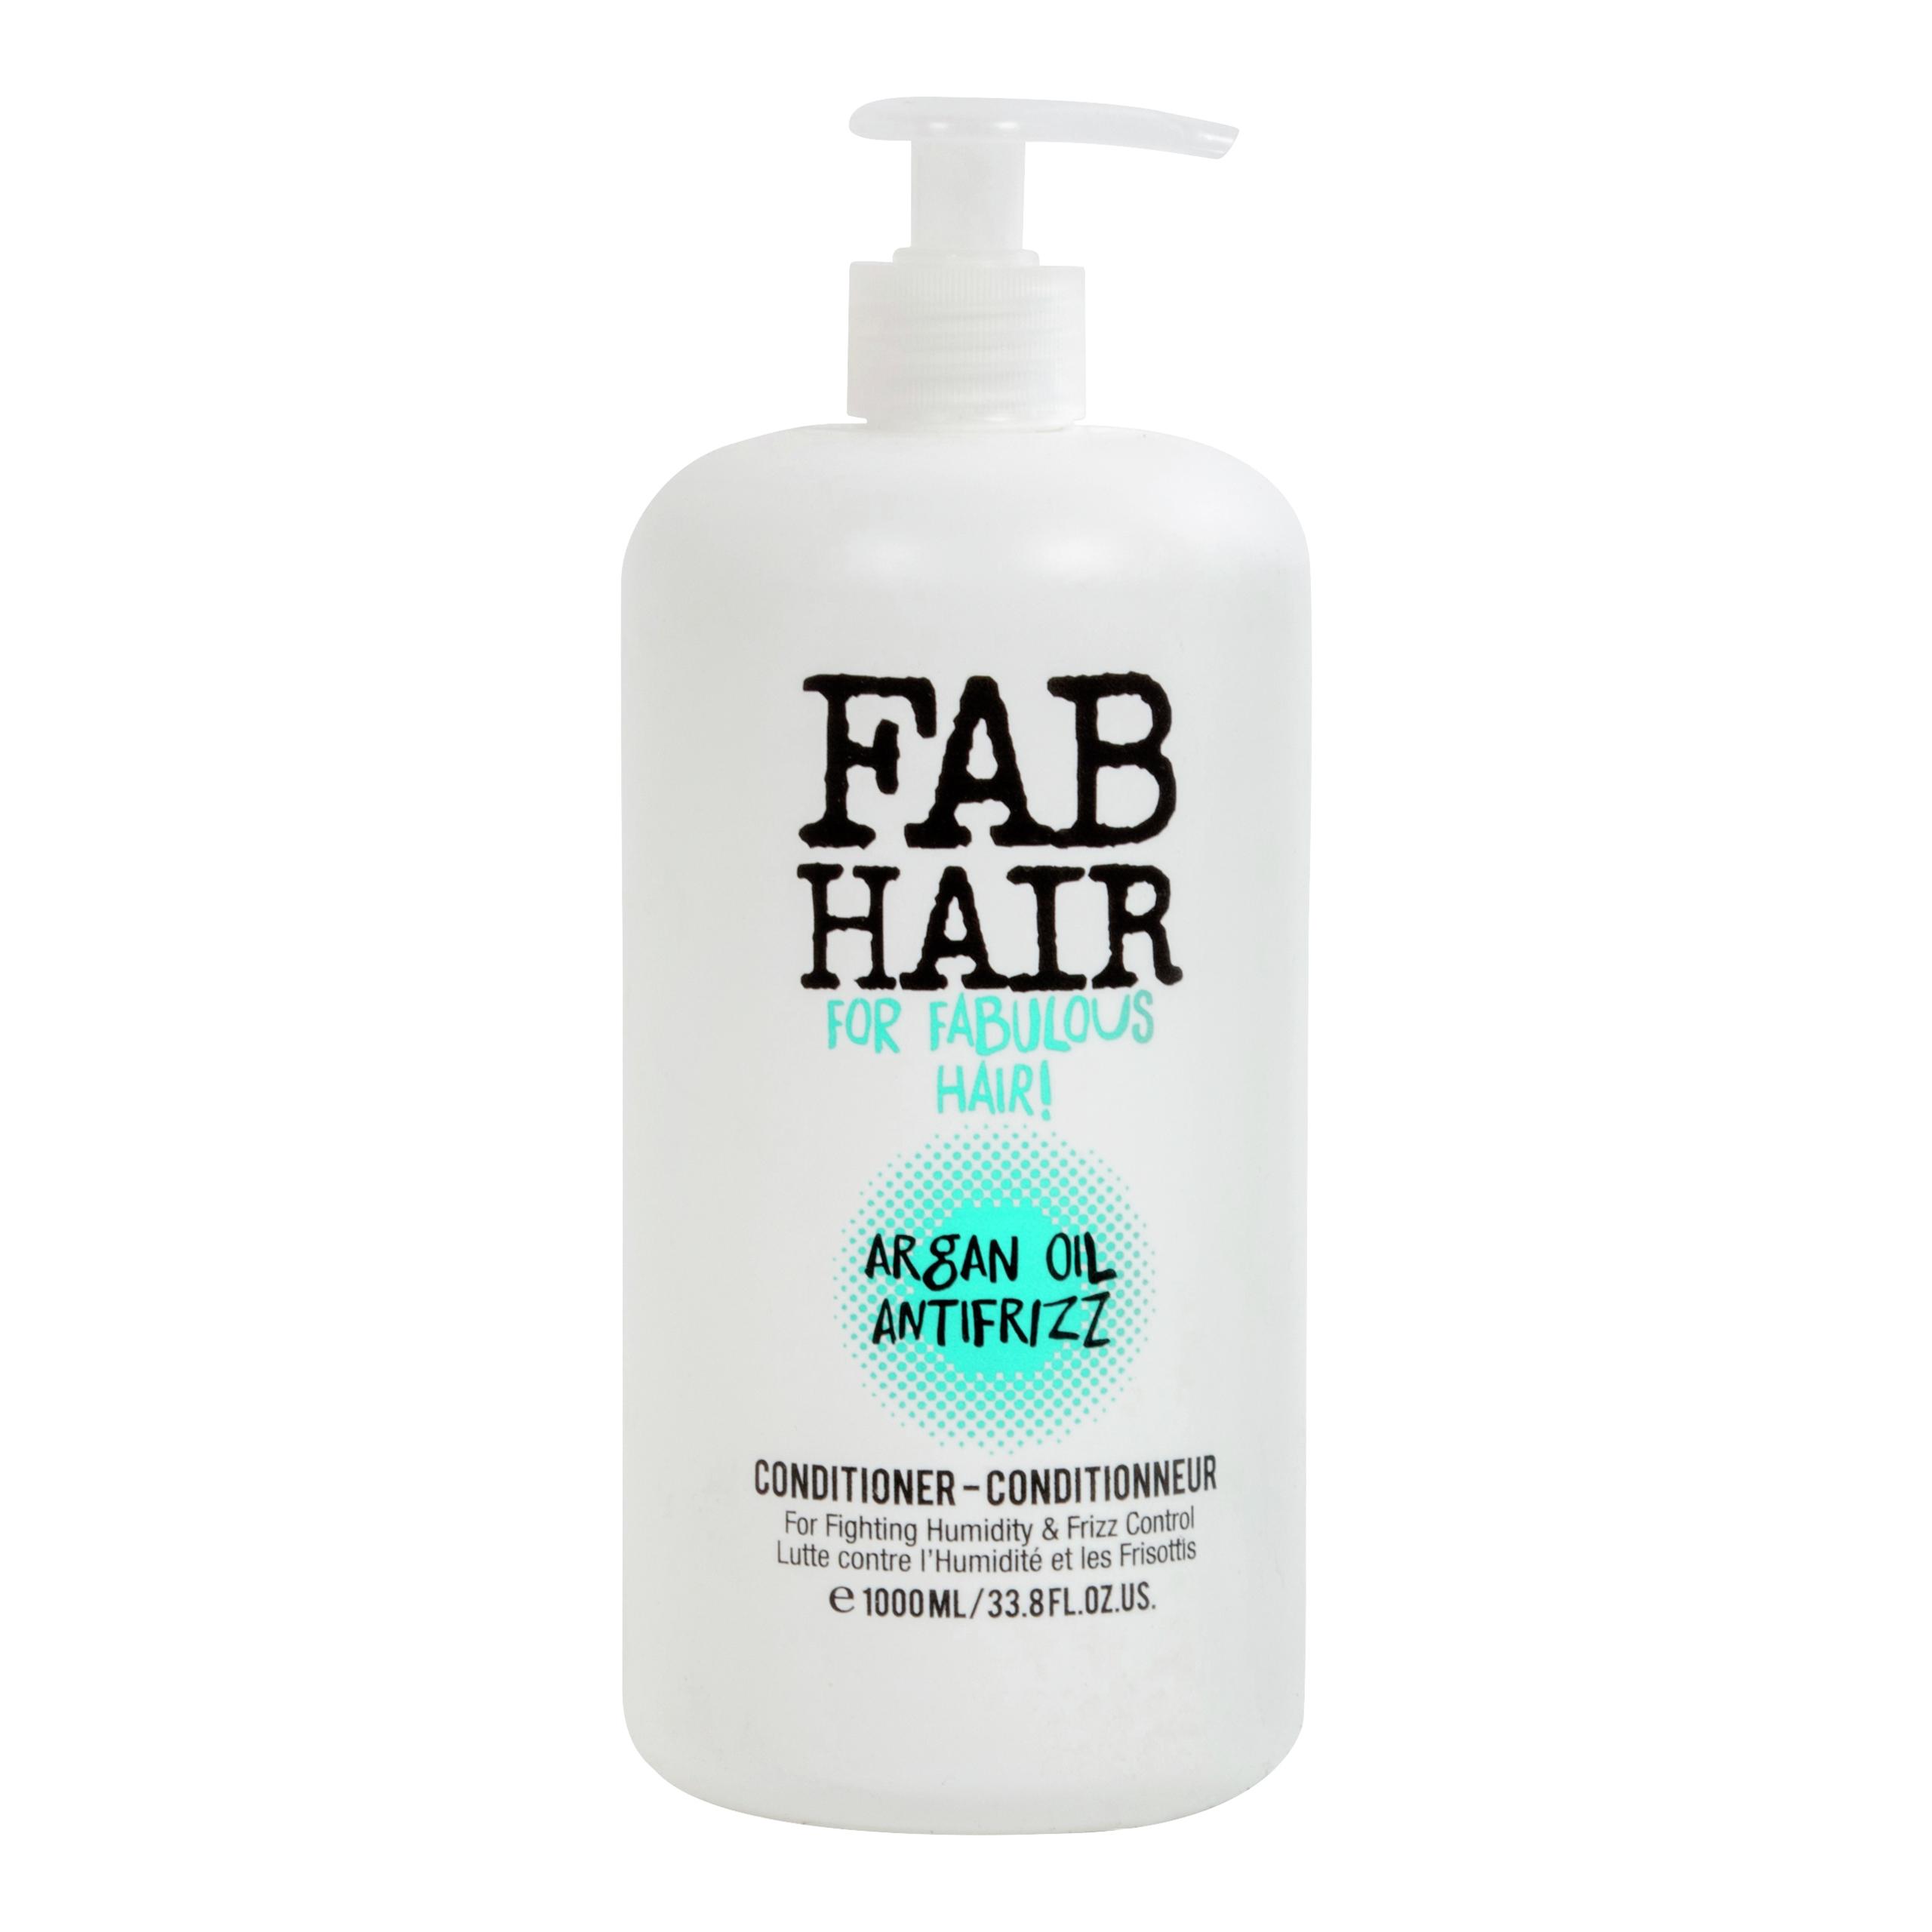 FAB HAIR CONDITIONER ANTI FRIZ-BAL654